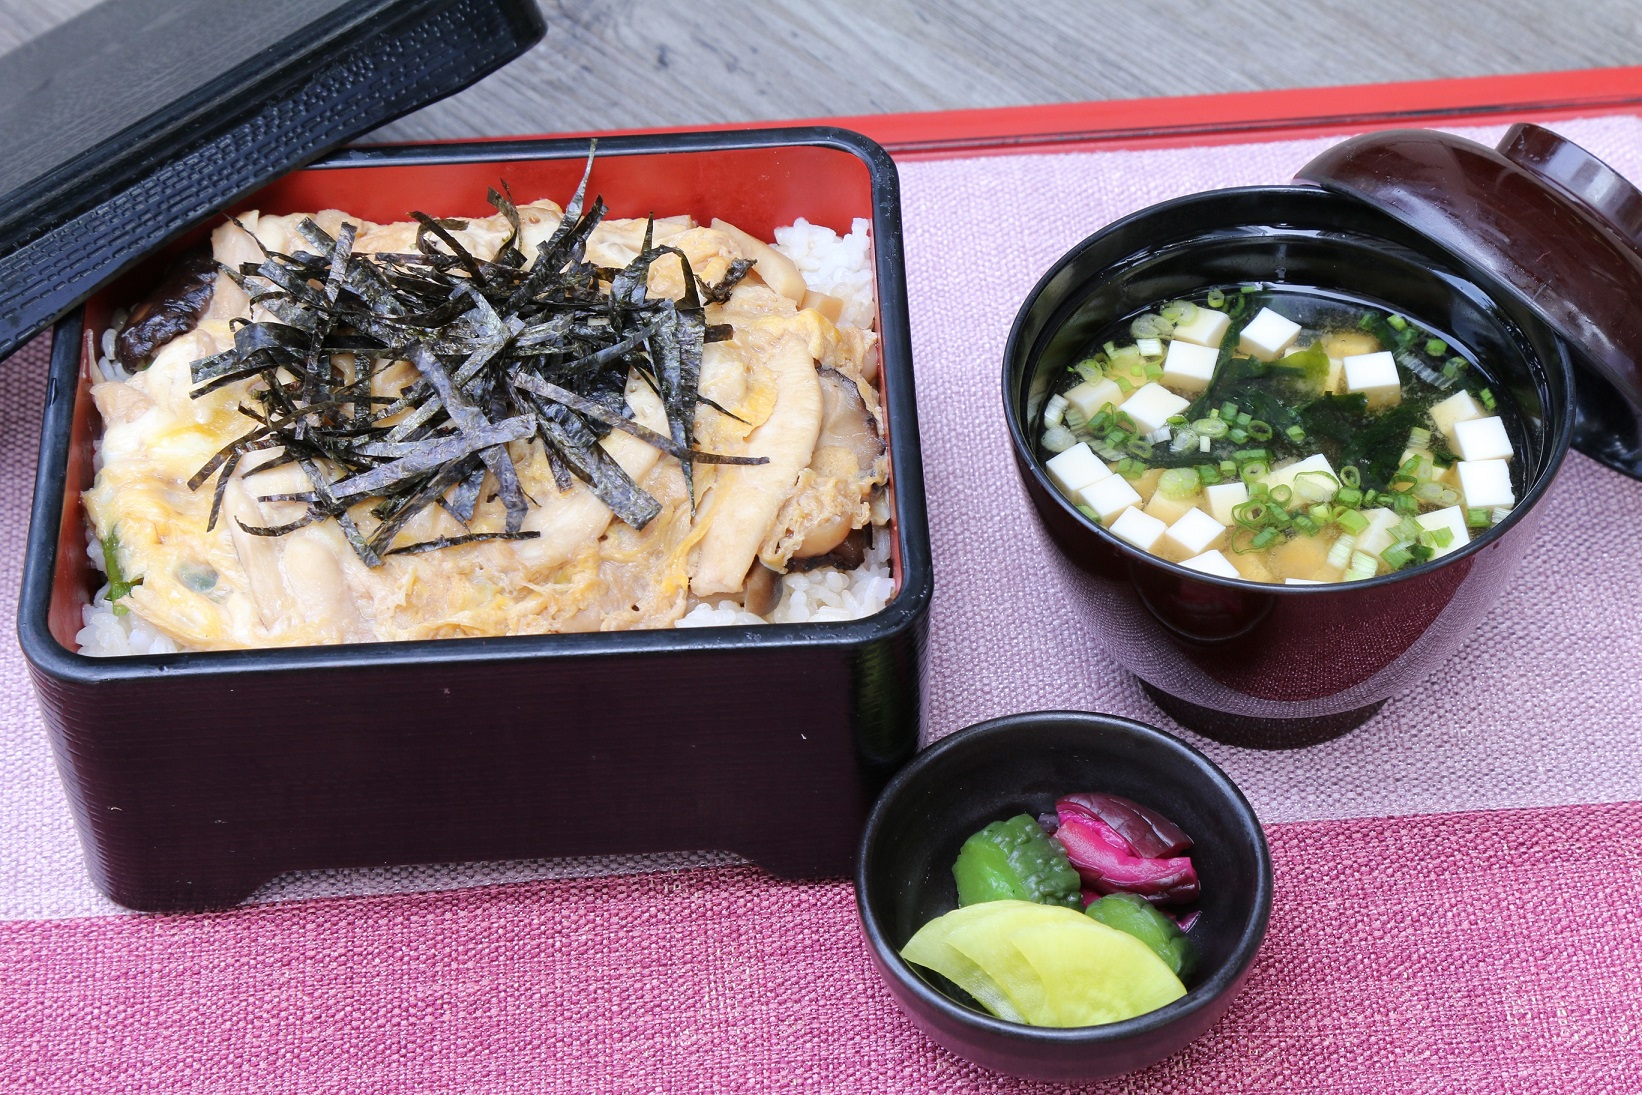 ข้าวอูรุจิไมหน้าไก่ตุ๋นเห็ดกับไข่ เมนูพิเศษประจำเดือน ห้องอาหารคิซาระ โรงแรมคอนราด กรุงเทพฯ 13 -